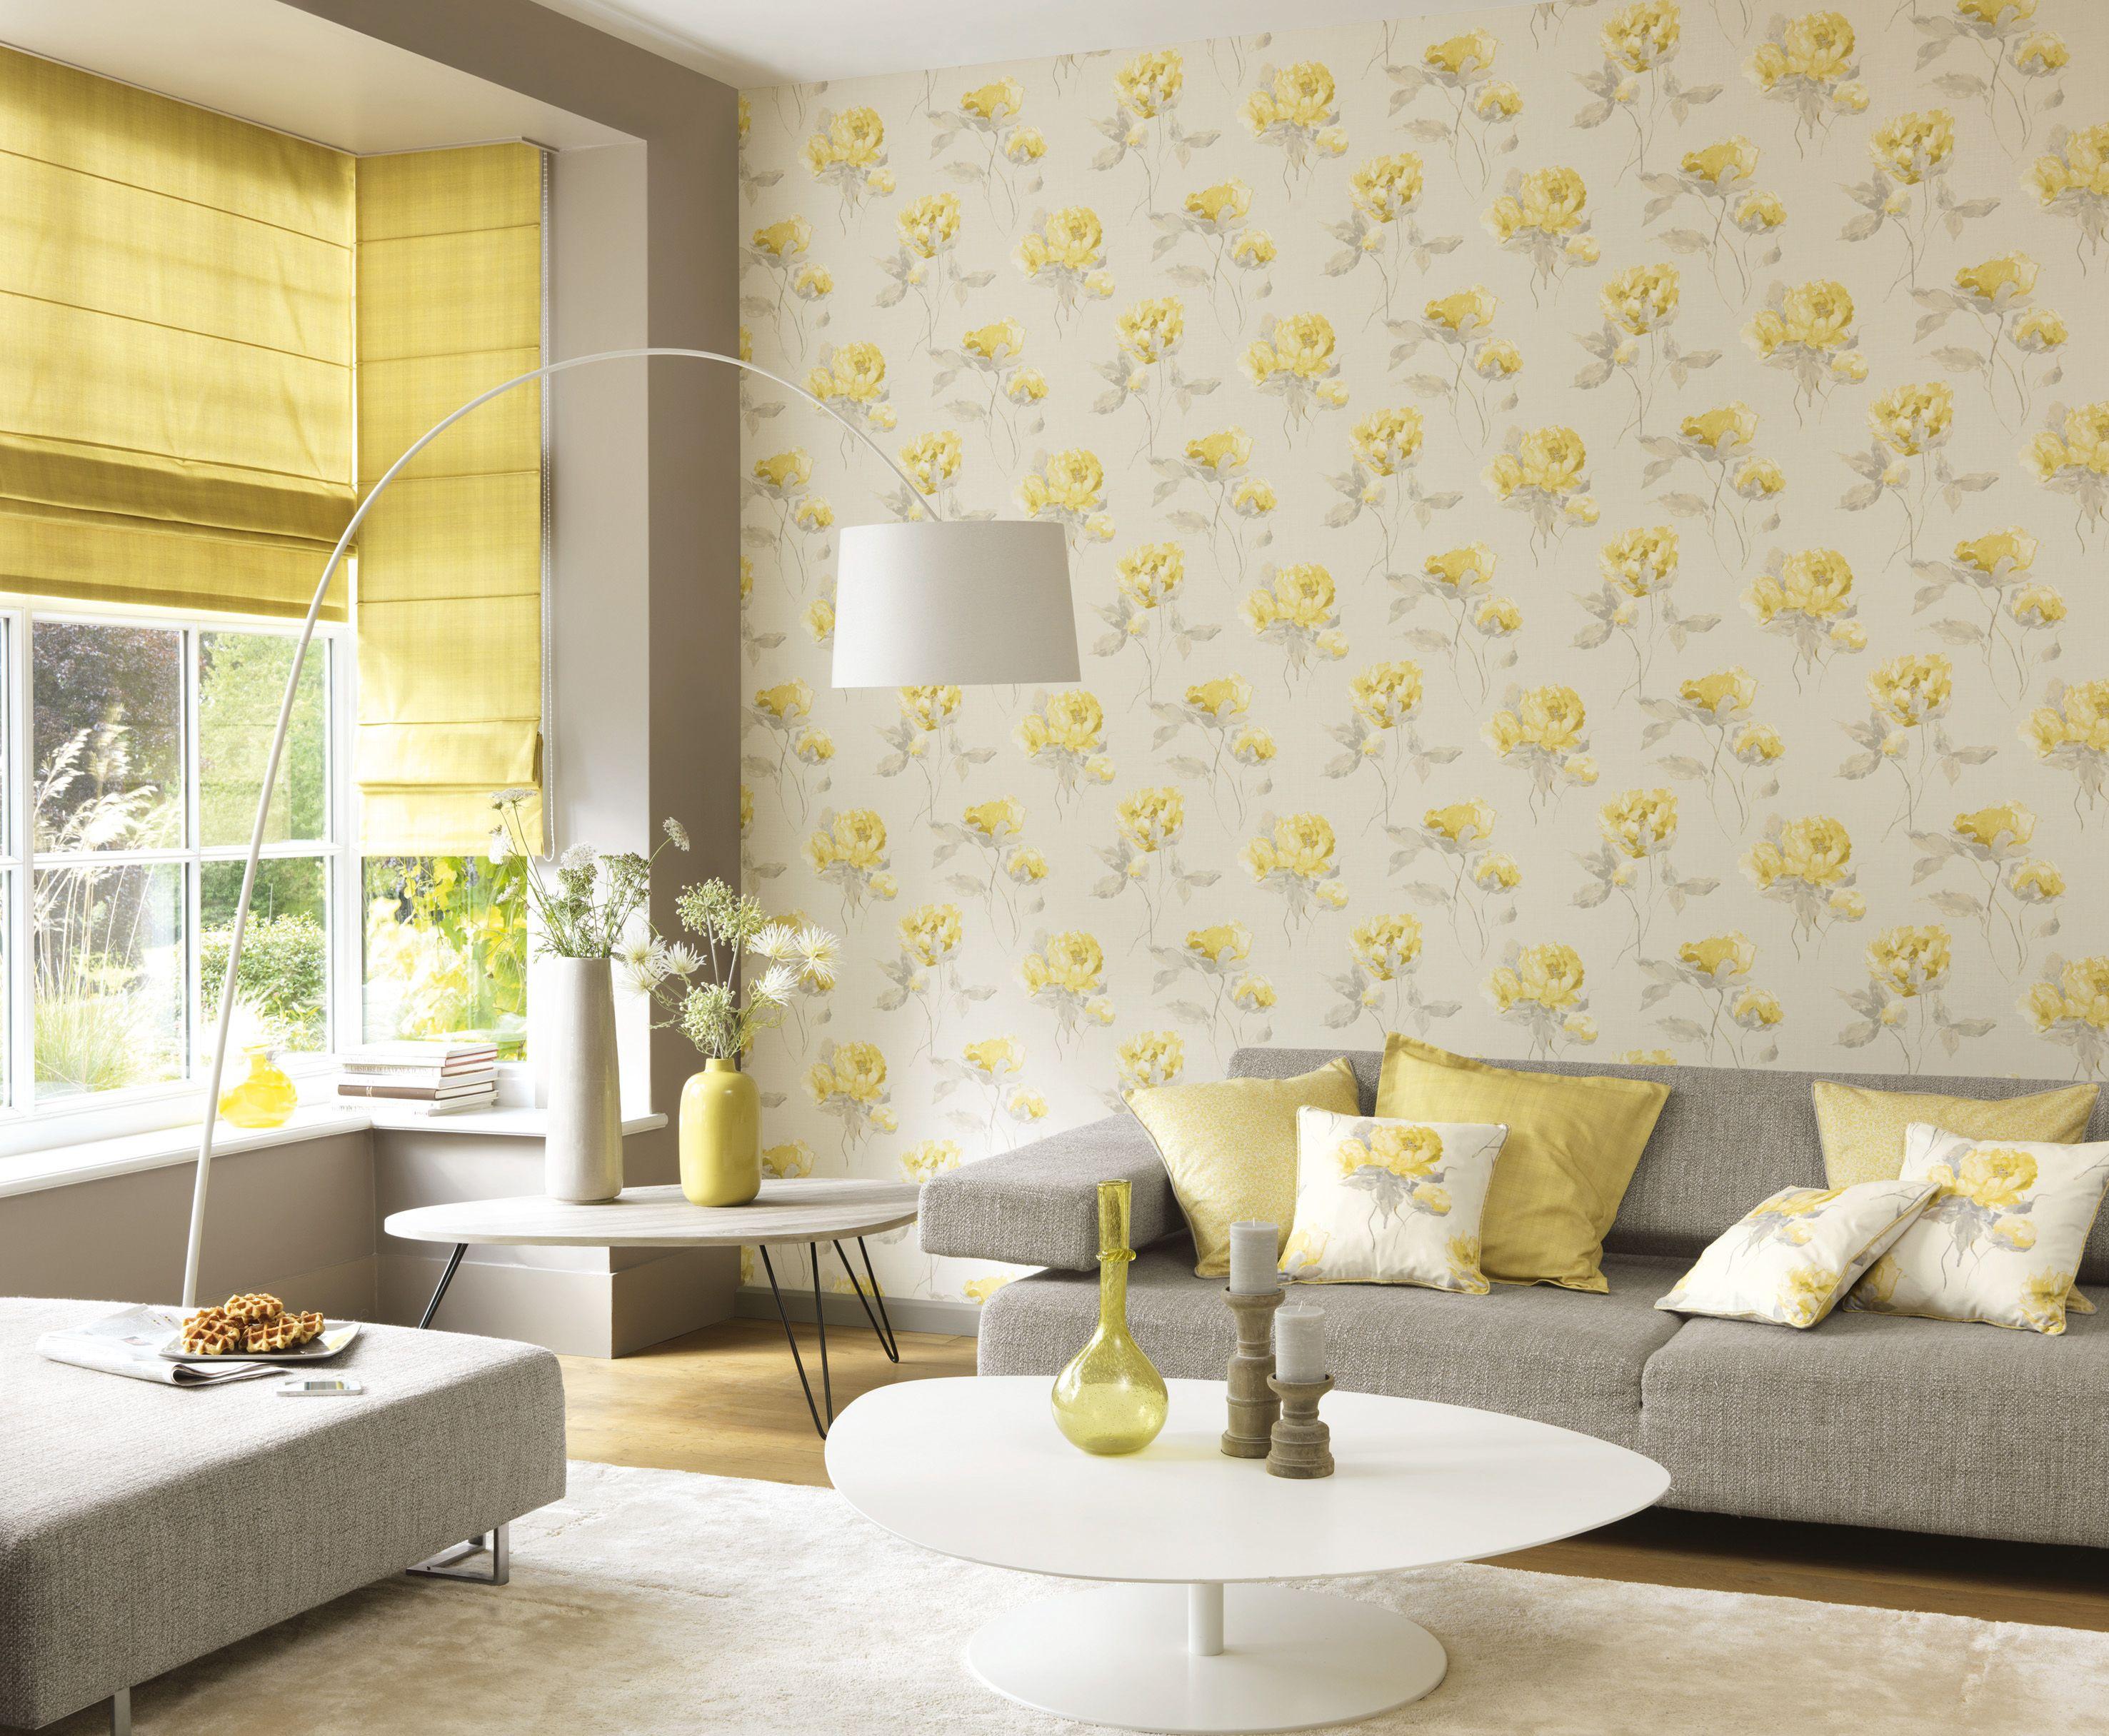 Collection Williamsburg Ambiances Colorees Mais Authentiques Pour Des Interieurs Agreables A Vivre Home Decor Interior Trend Wall Coverings